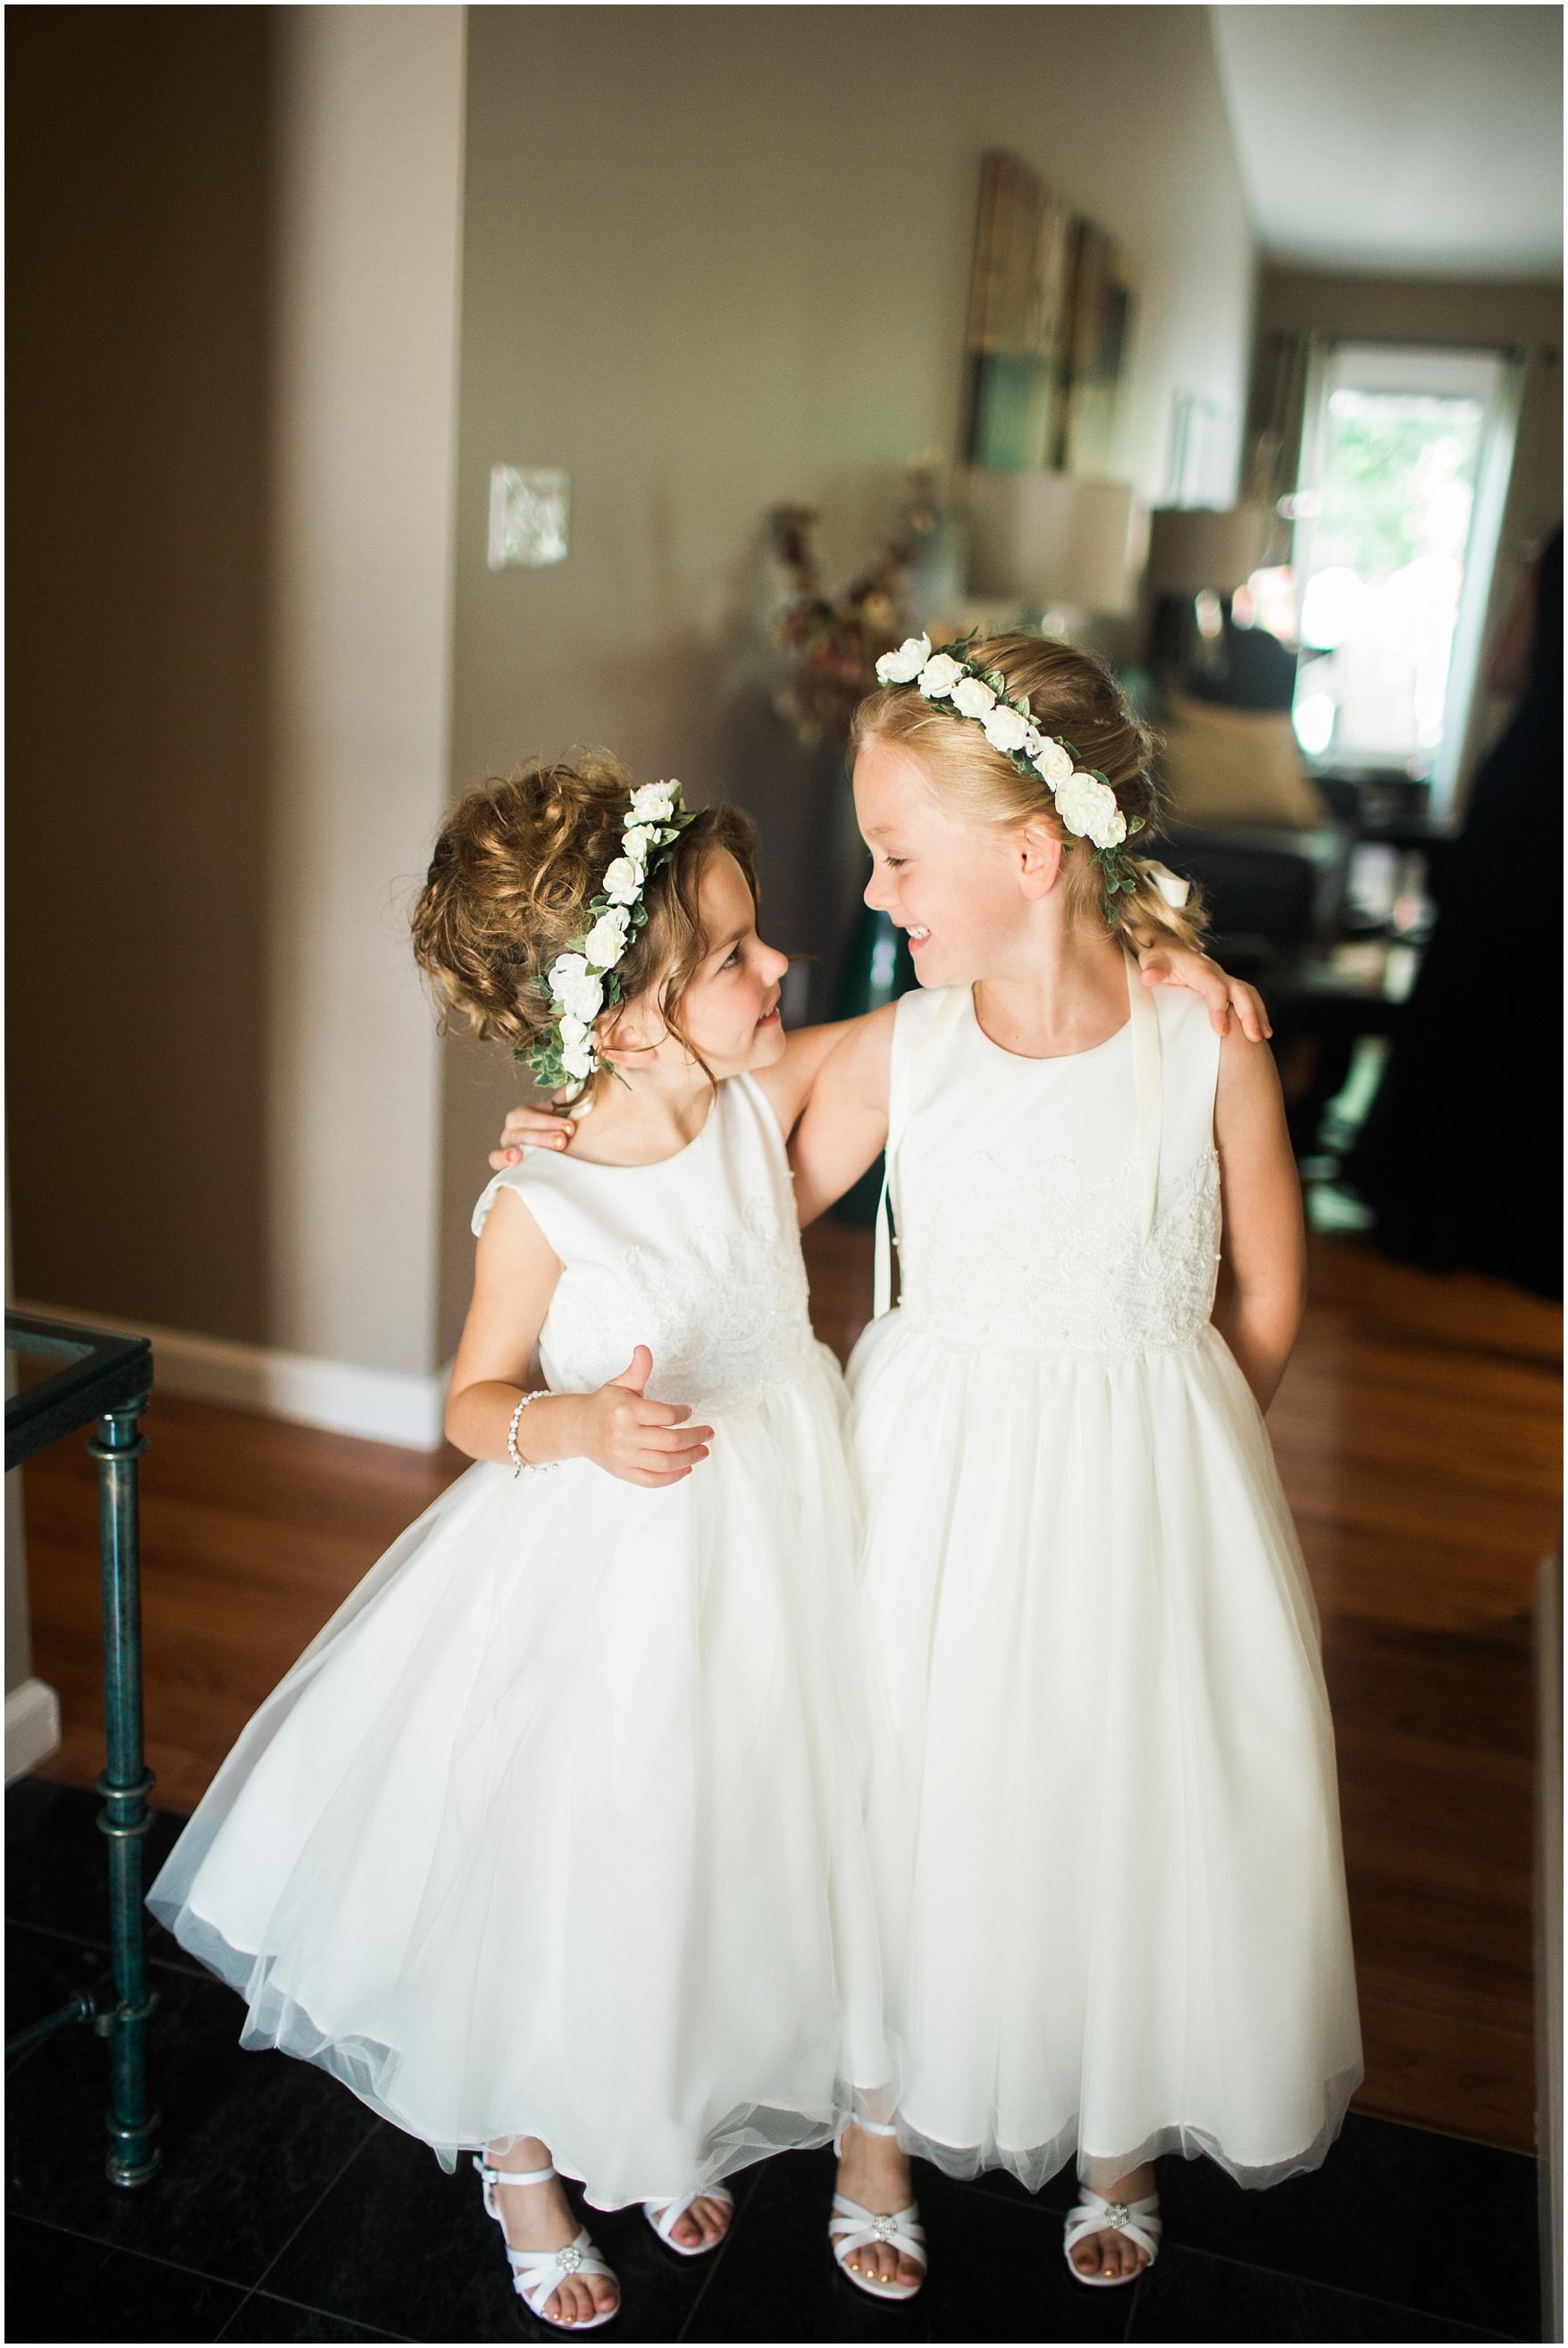 wedding photography st louis_lauren muckler photography_film photographer_film wedding_0161.jpg